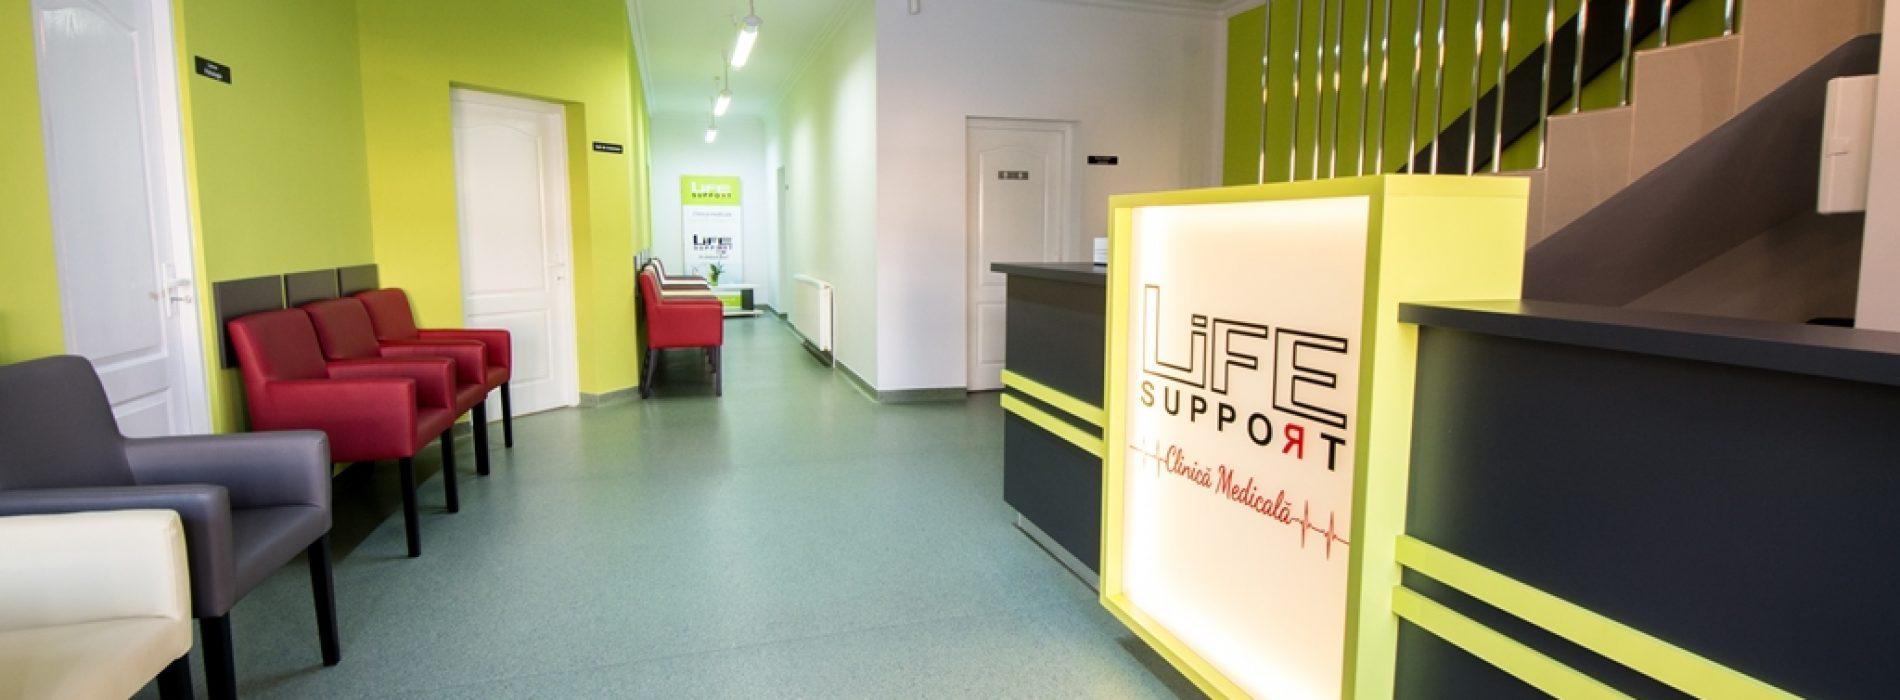 Video. Clinica Life Support din Sighetu Maramației – DESCHIDEREA OFICIALĂ